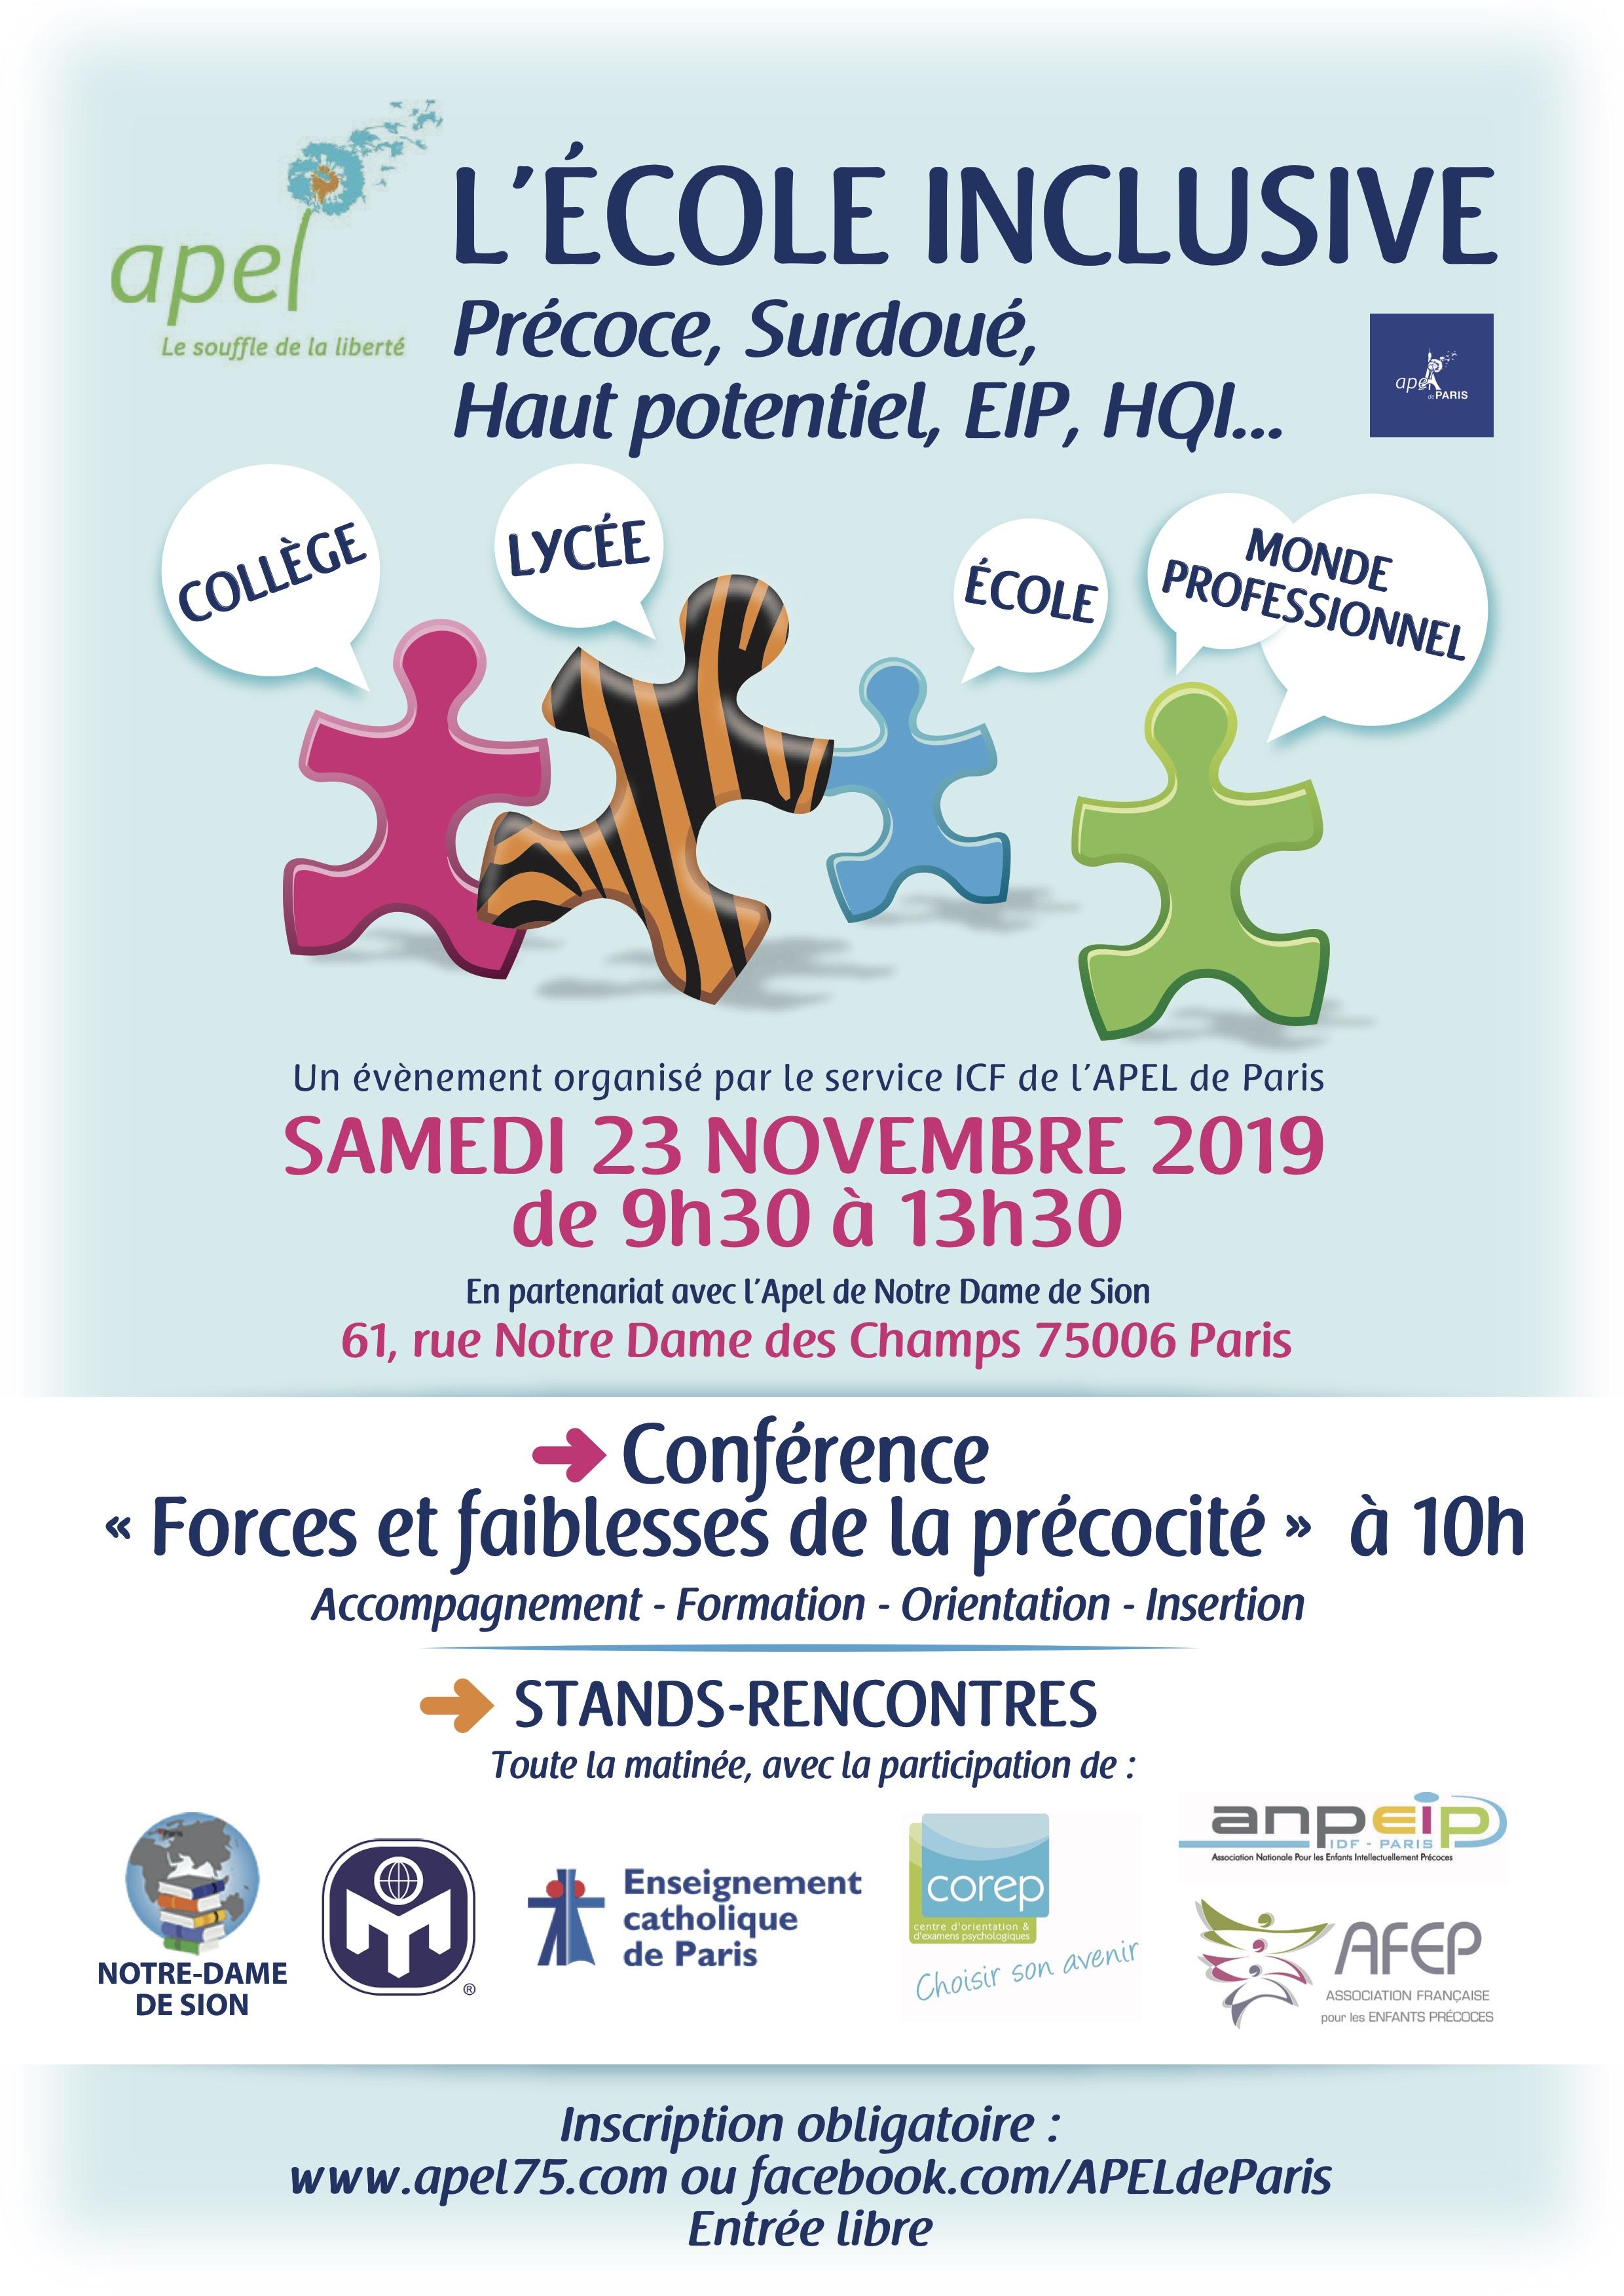 APEL Ecole Inclusive Journée 23/11/2019